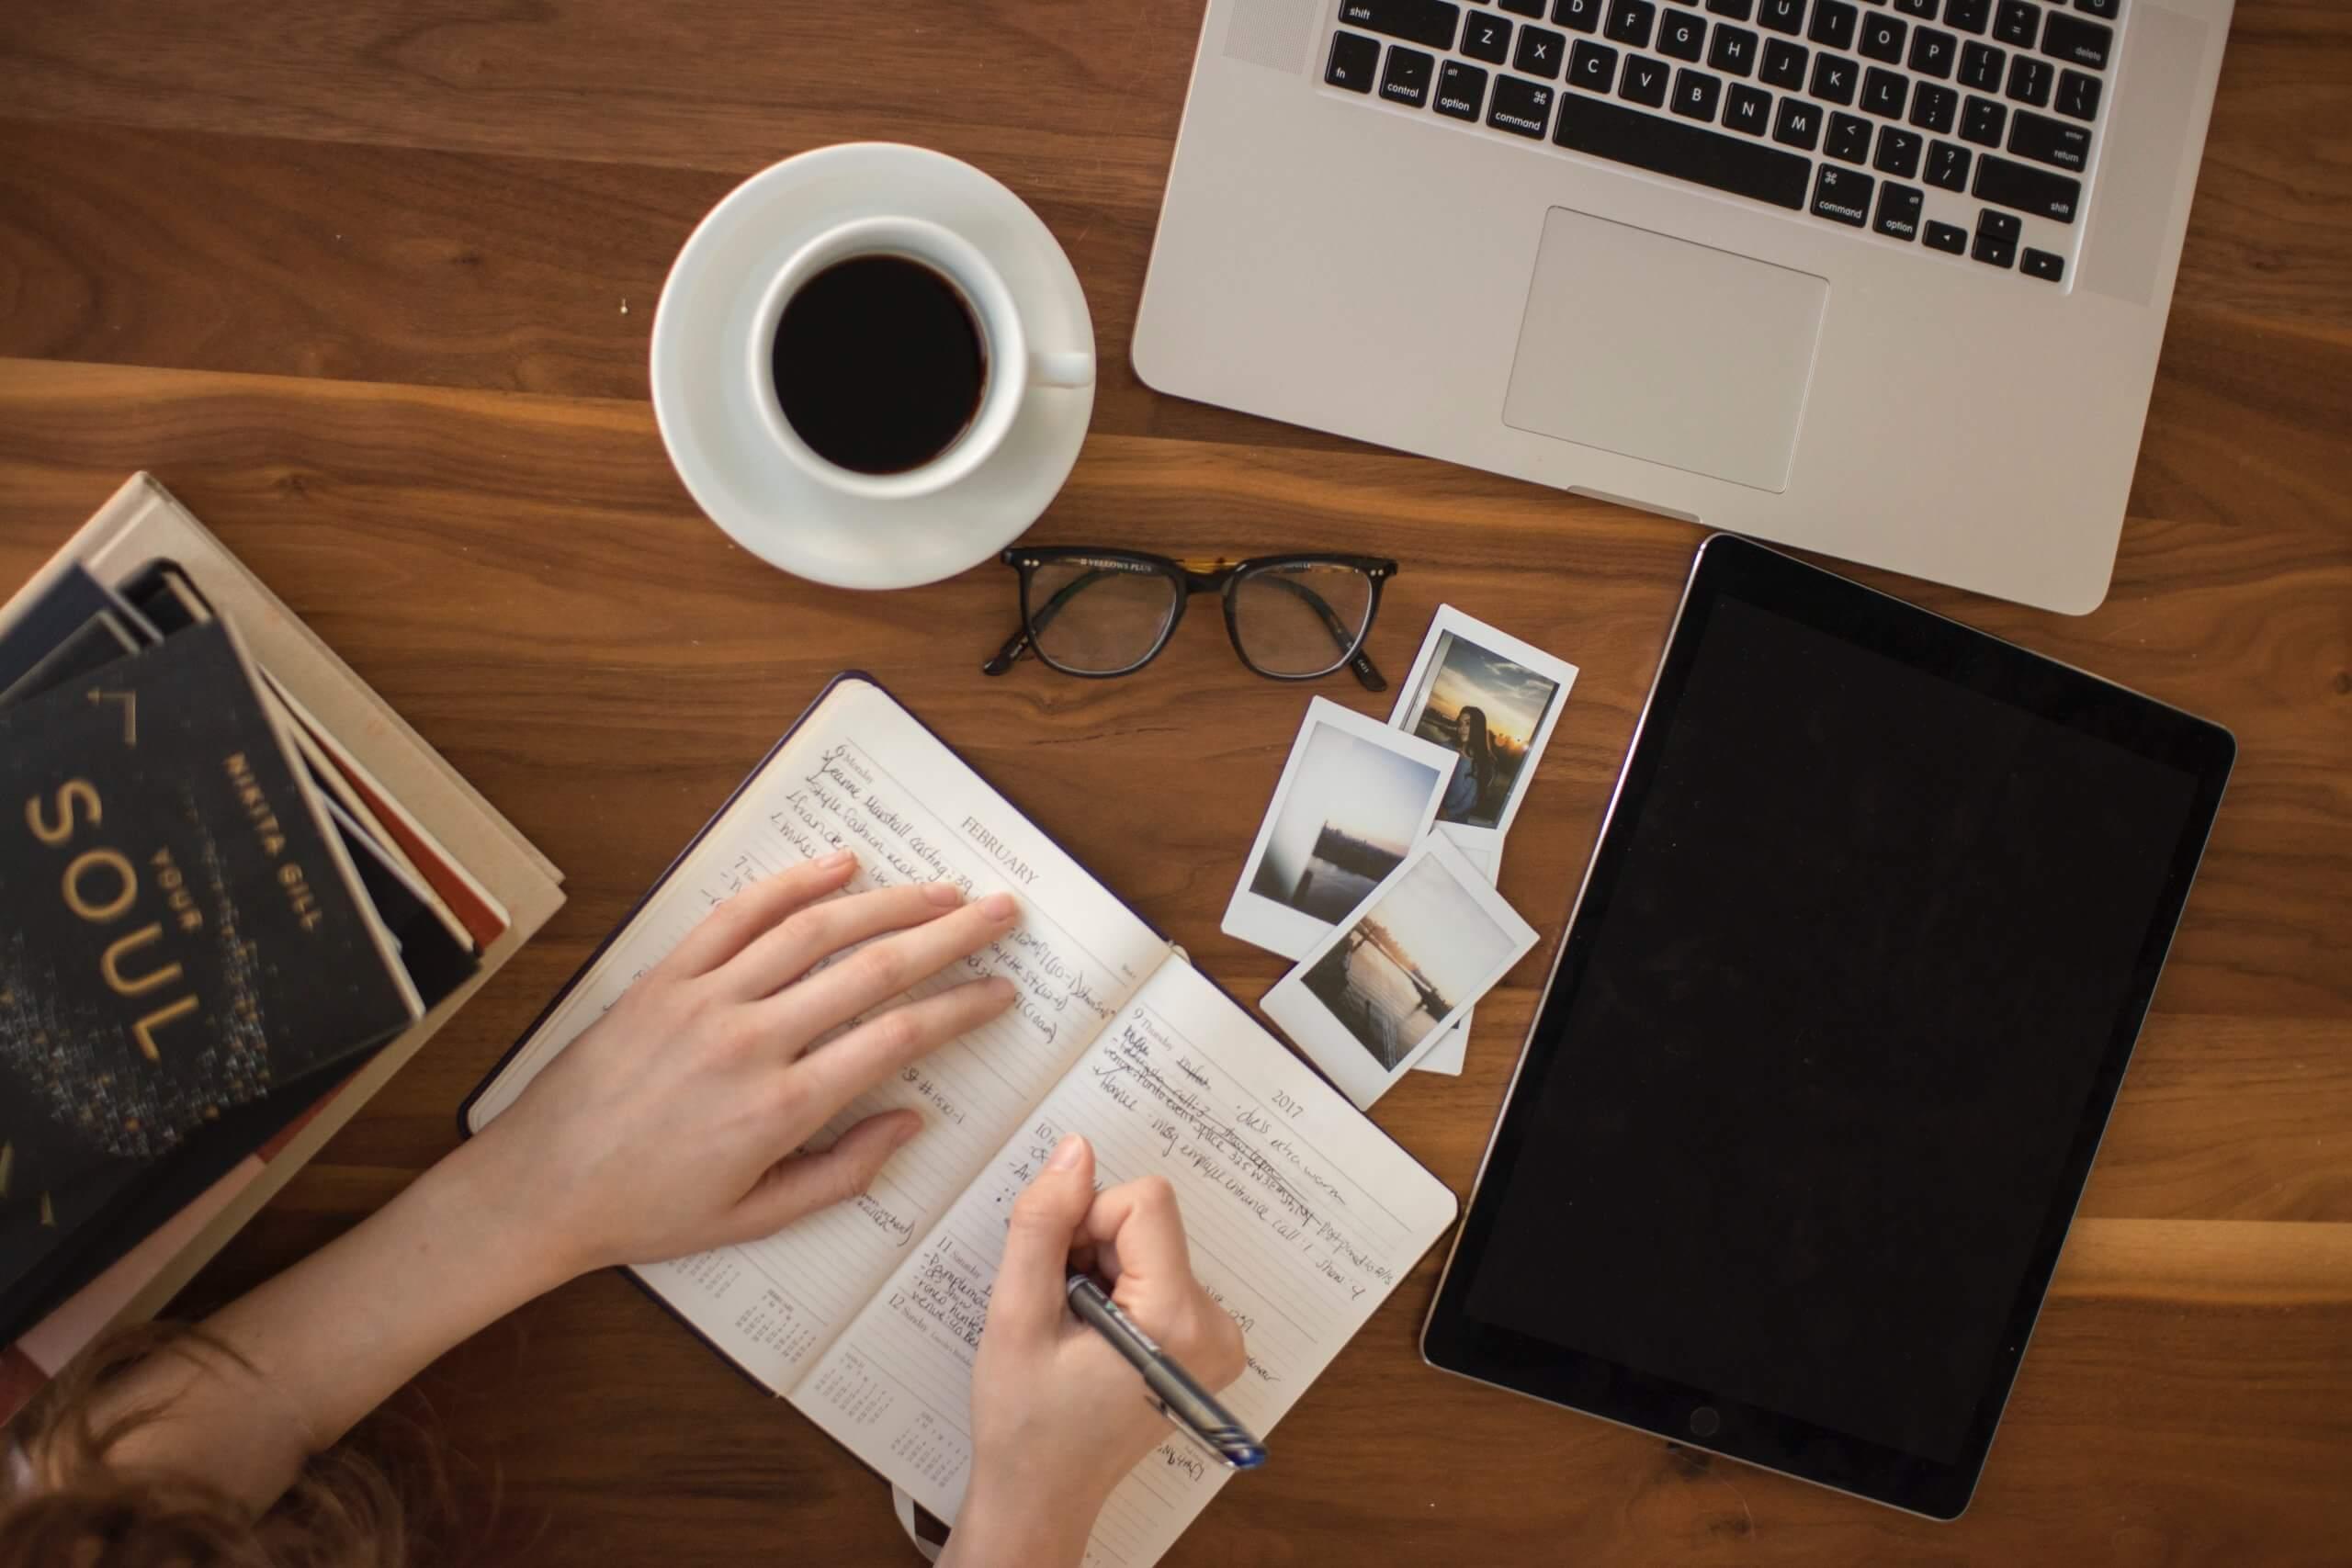 Kreatørstudie: Har du styr på din SoMe planlægning?